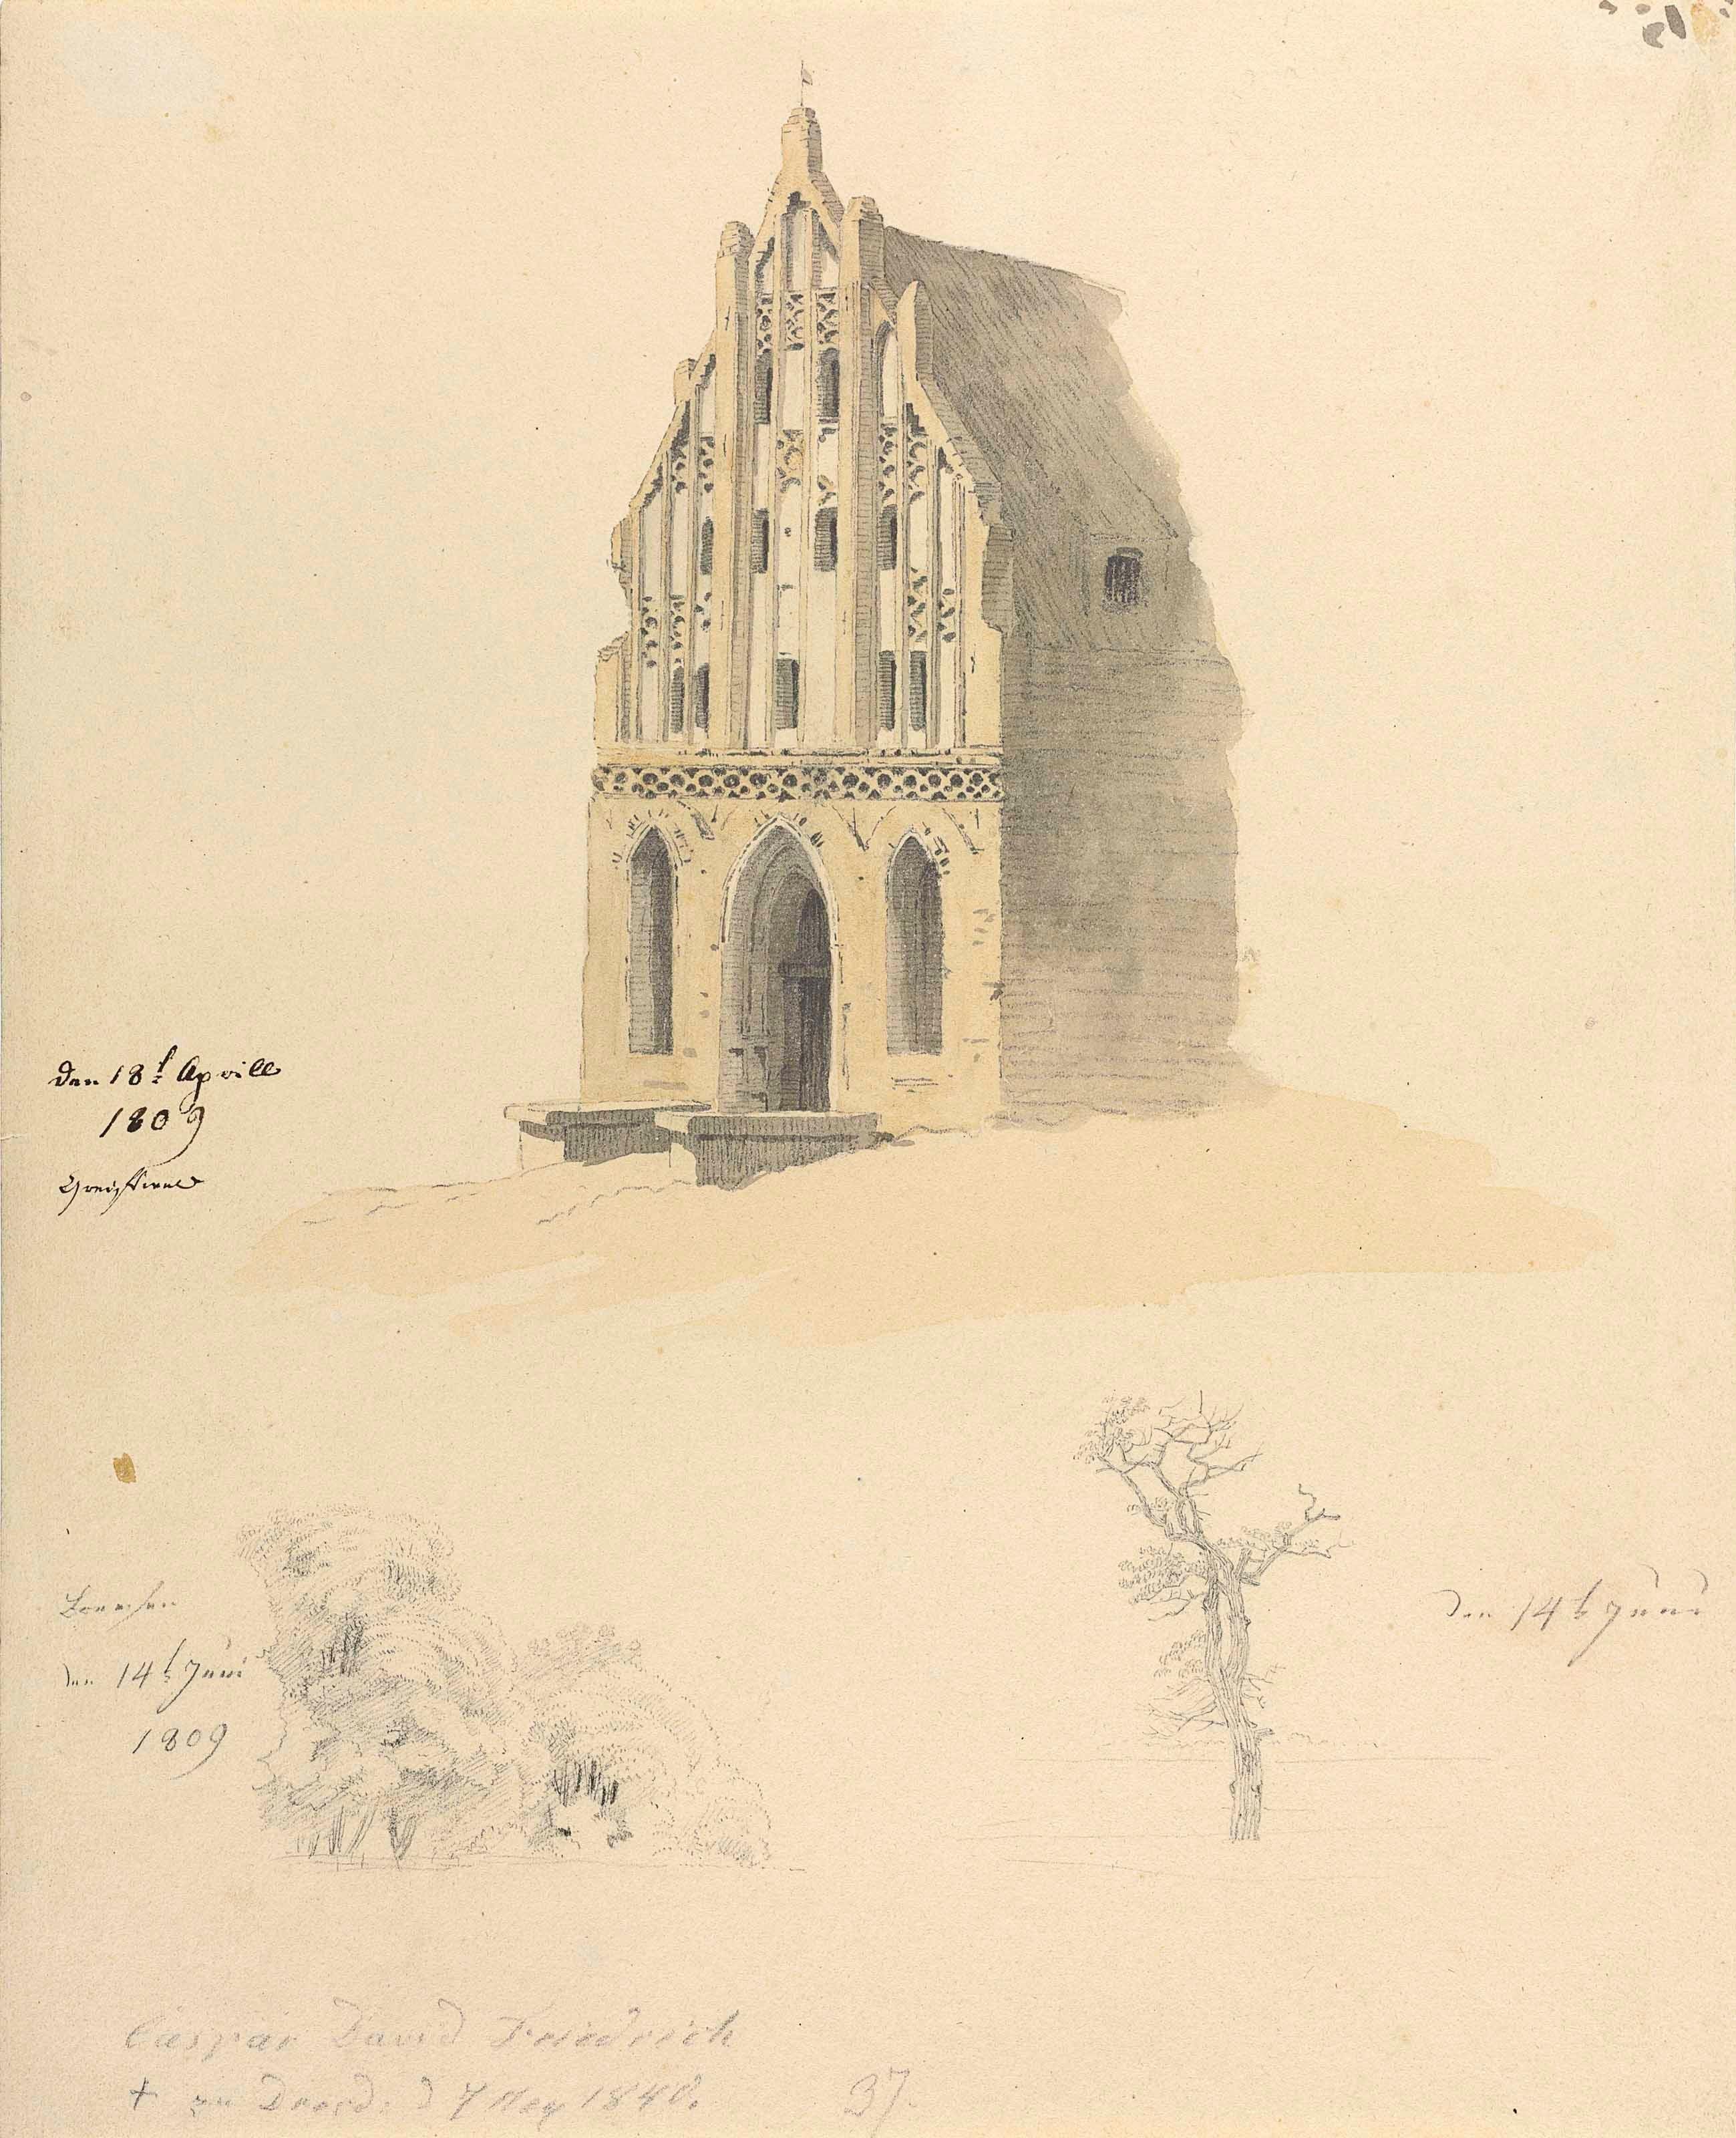 卡斯帕·大卫·弗里德里希(1774-1840),《歌德石砖建筑与两棵树的习作》,12⅛ x 9⅞吋(30.9 x 25.2公分)。此拍品于2018年7月3日在佳士得伦敦以212,500英镑成交。